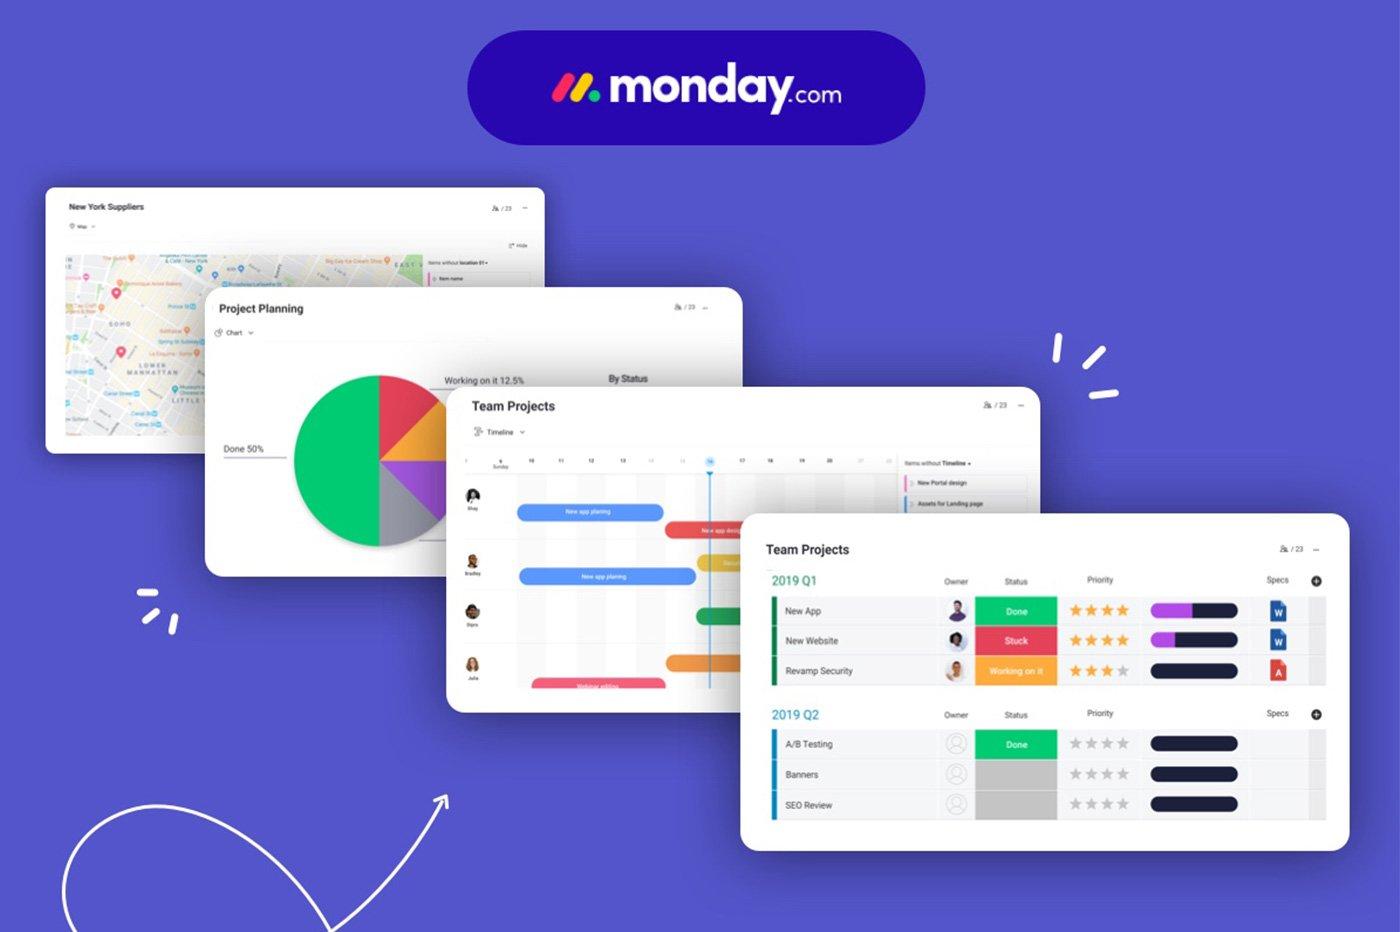 La startup Monday.com lève 150 millions de dollars et atteint les 1,9 milliard de valorisation